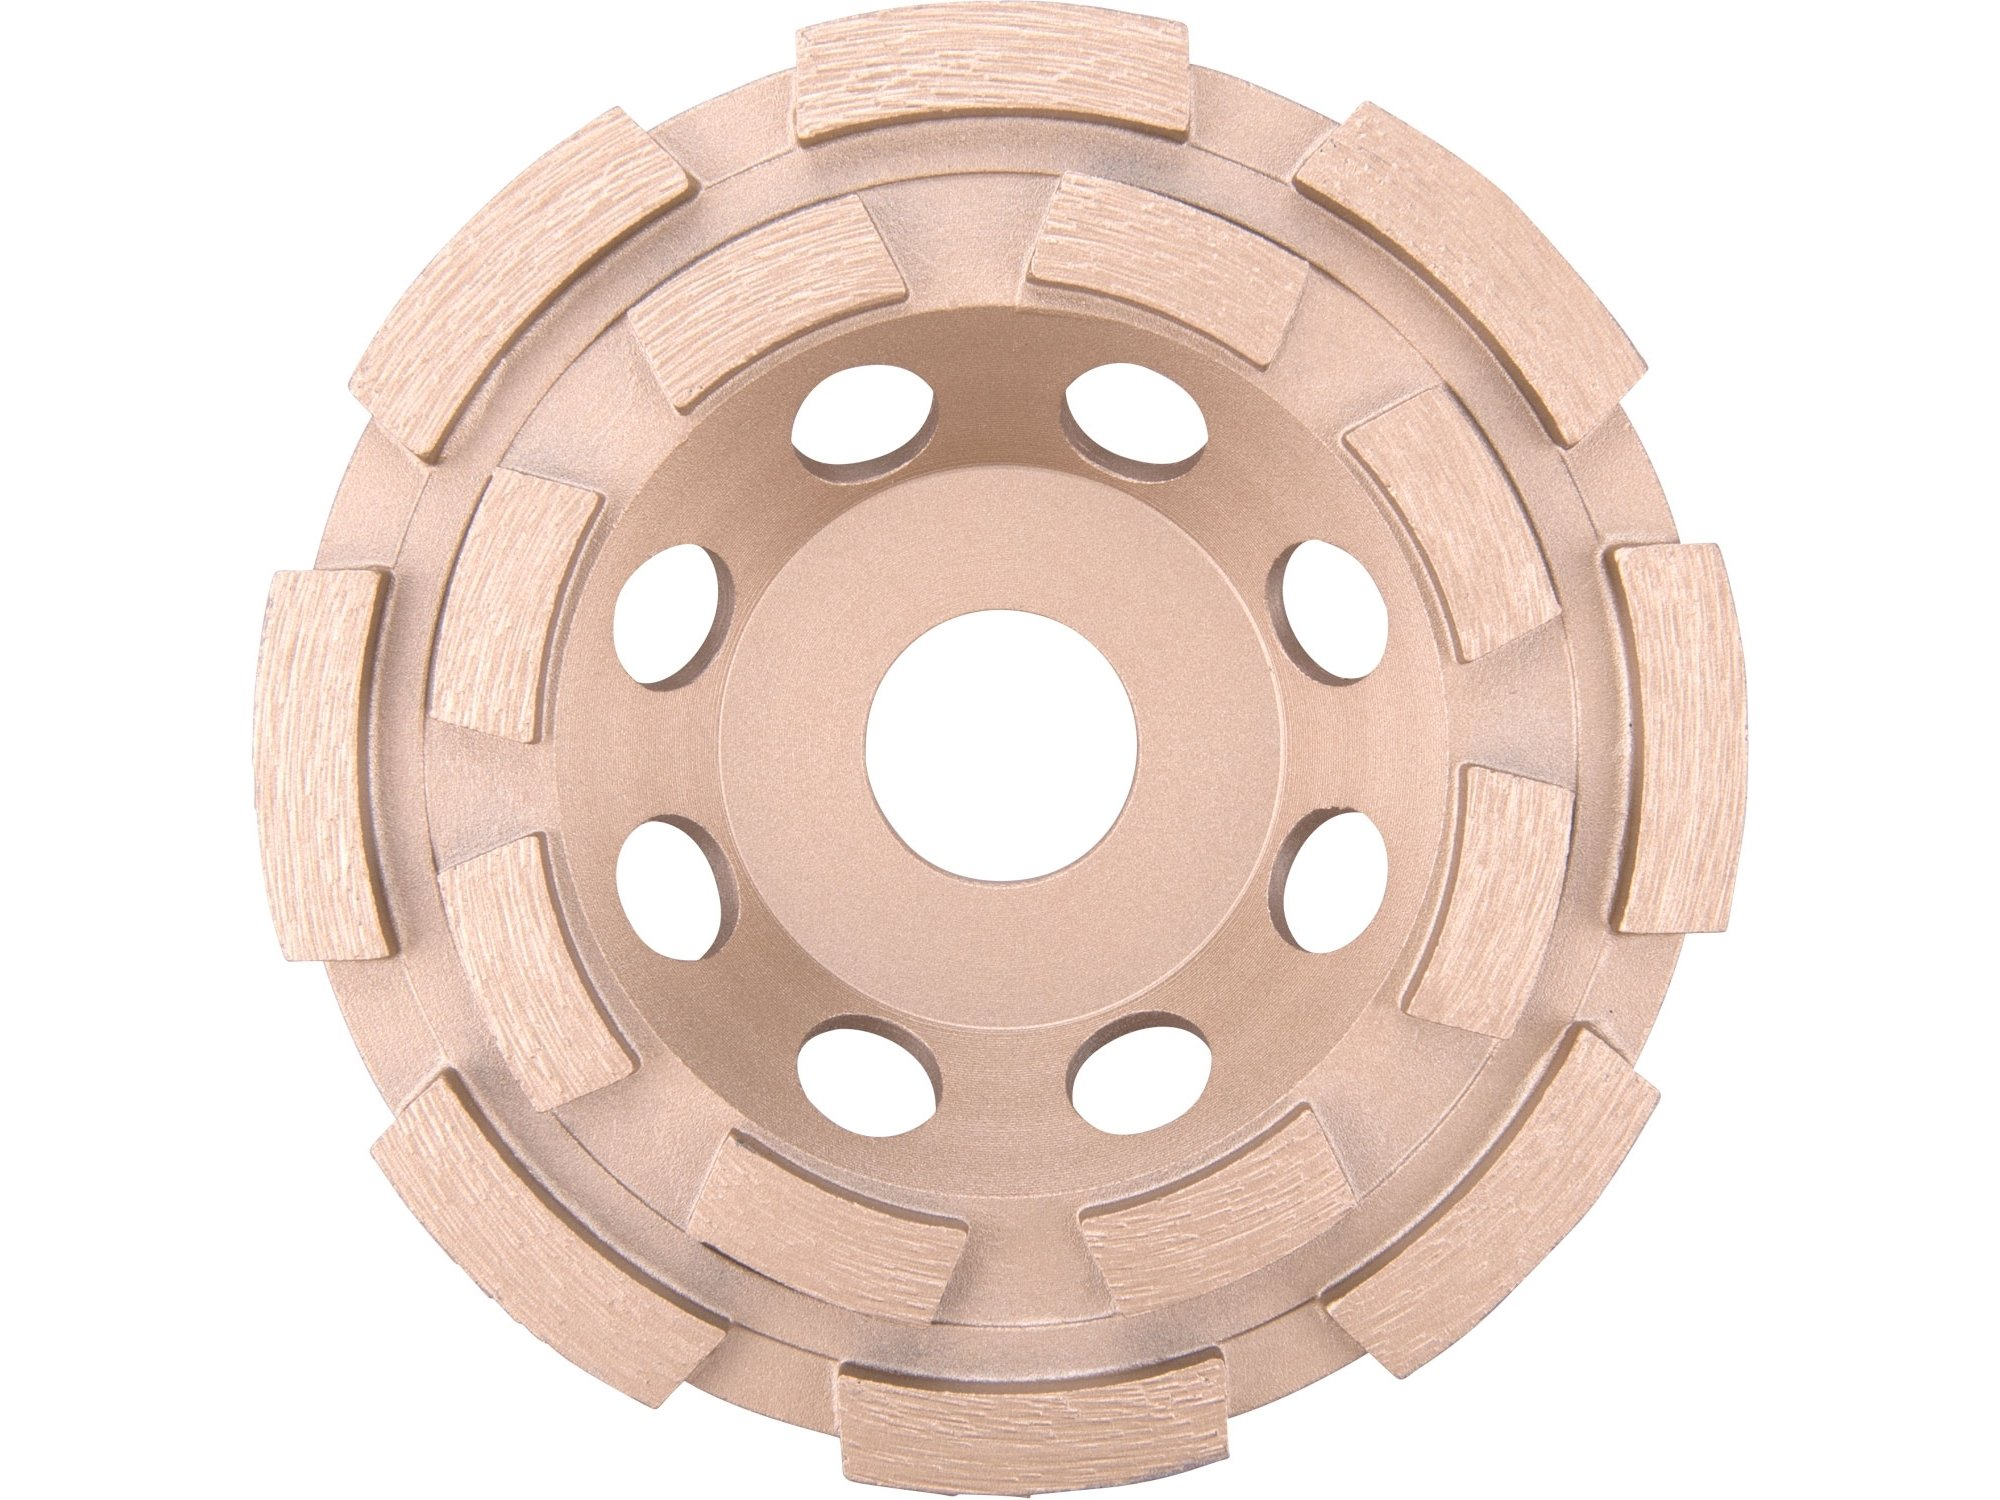 Diamantový brusný dvouřadý kotouč Extol Industrial - 8703121 115mm